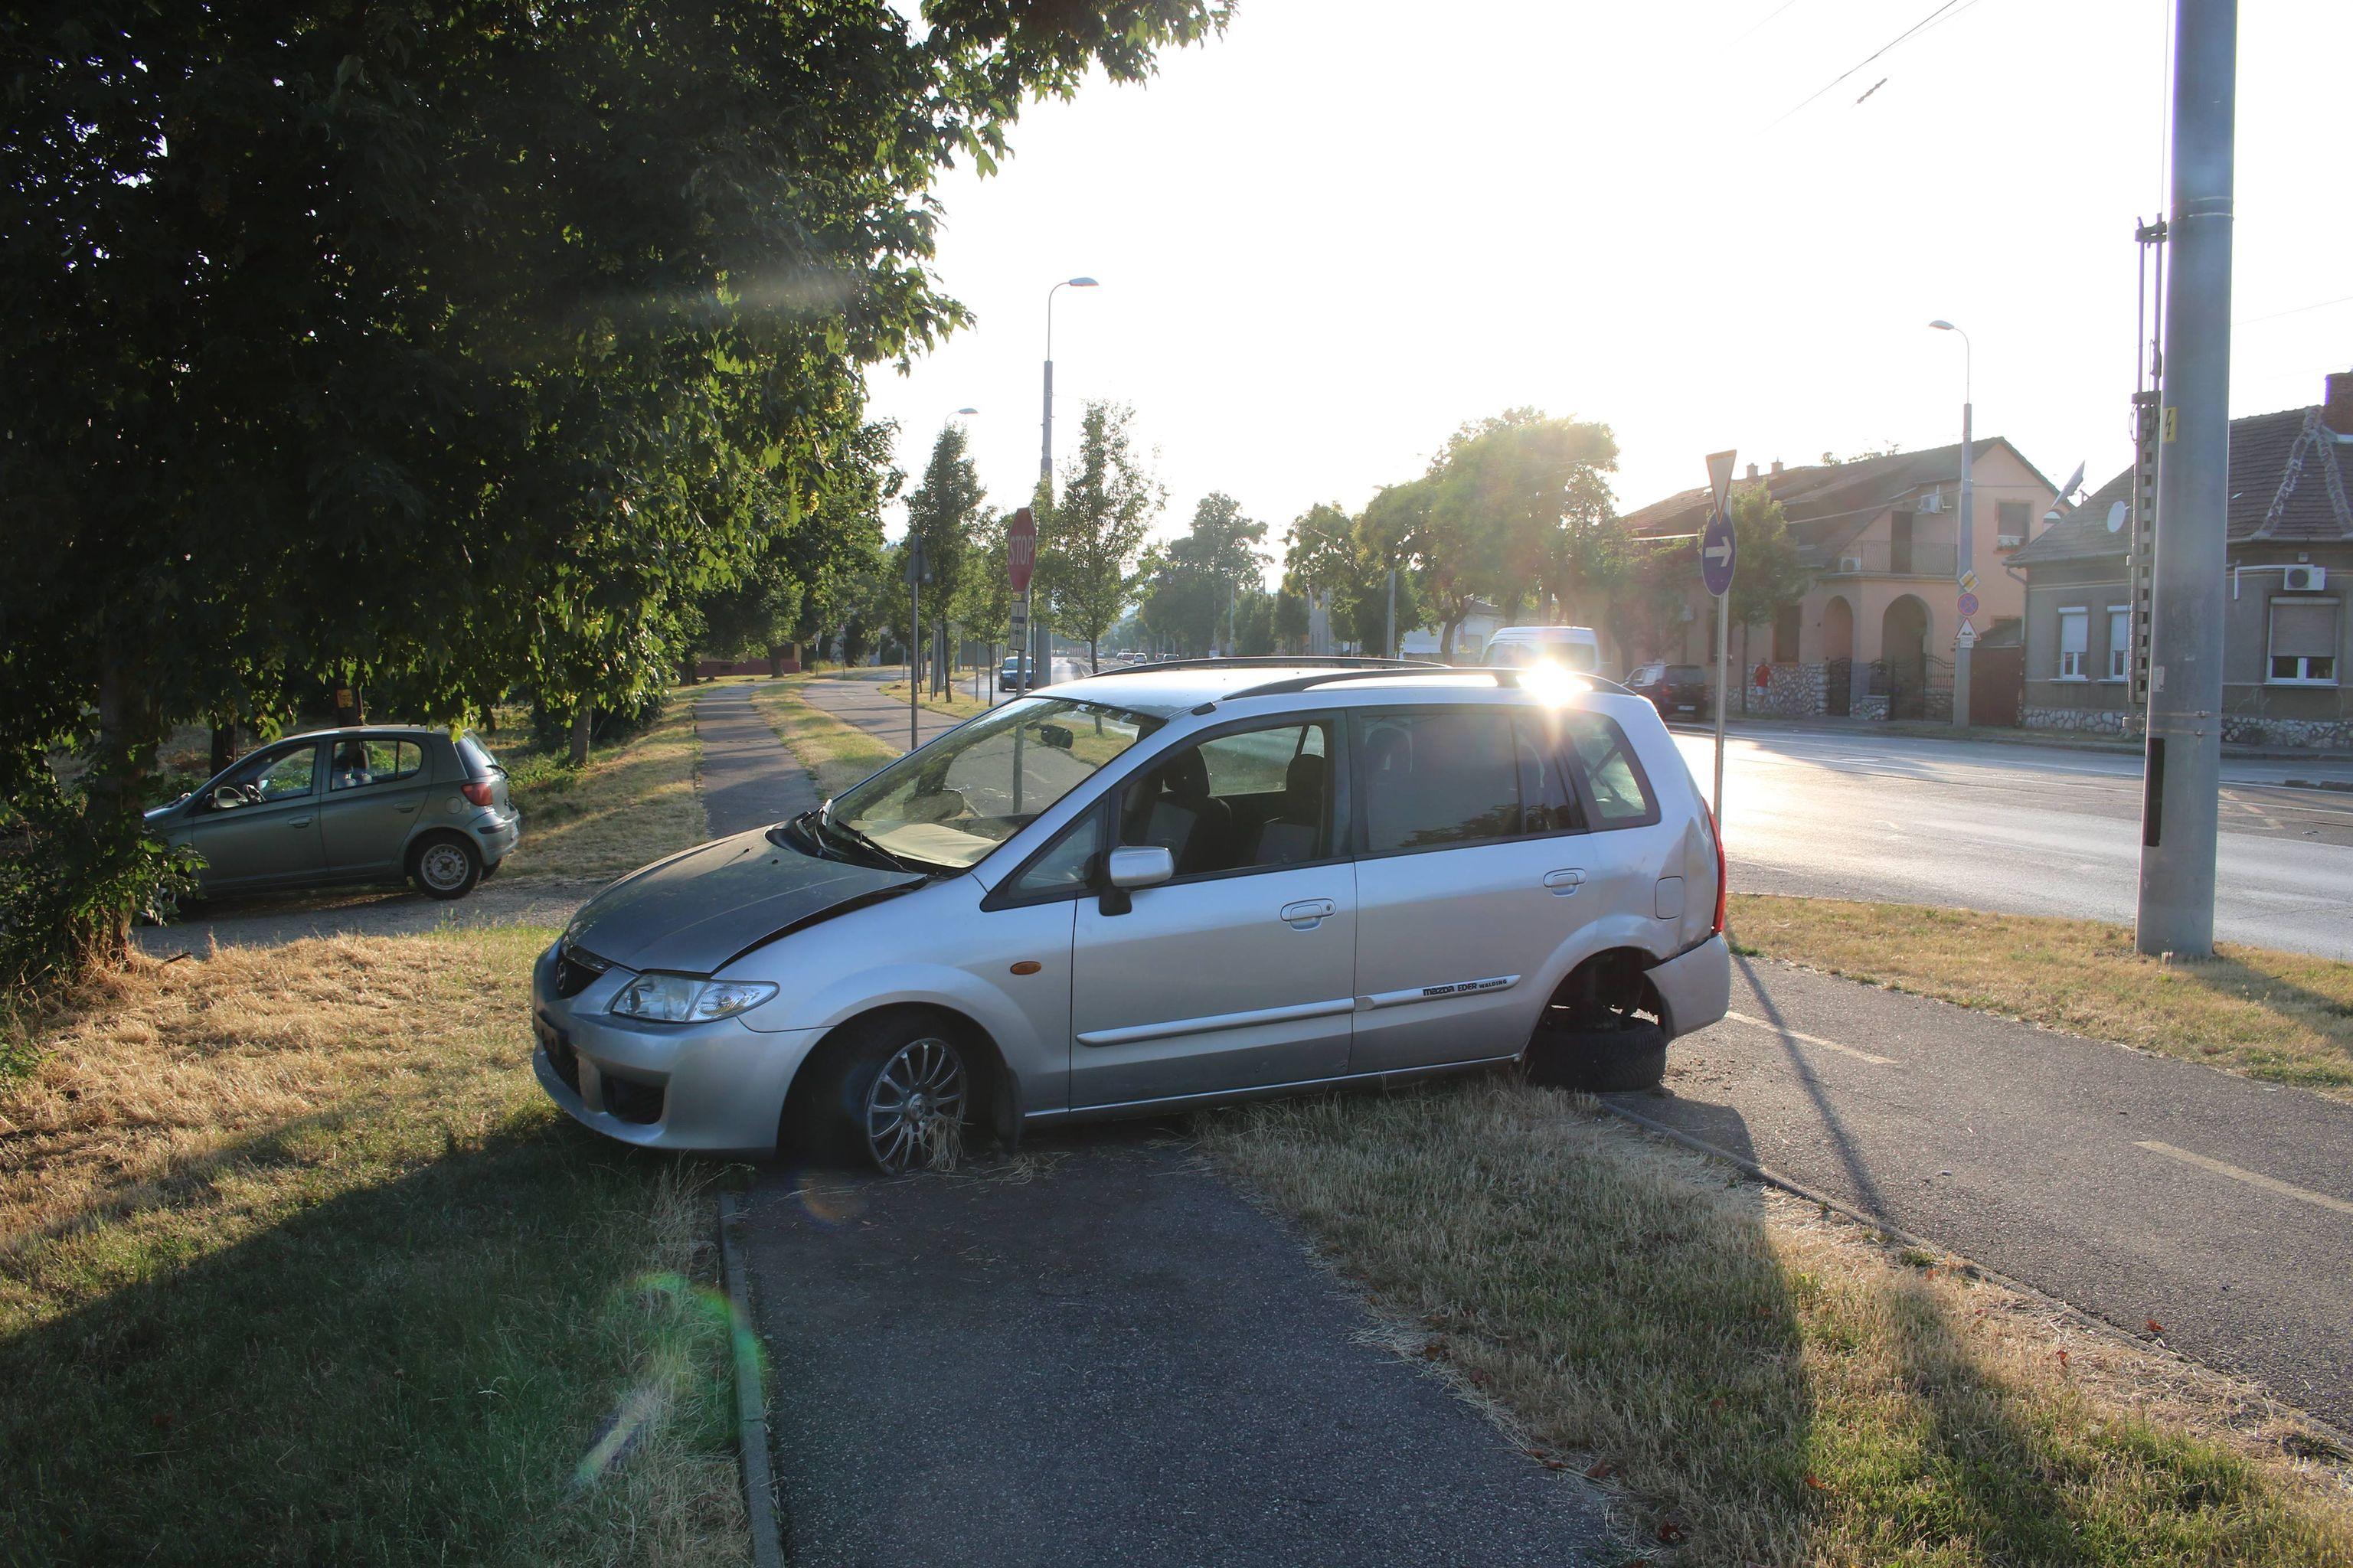 A rendőrség a baleset után elmenekülő, ismeretlen sofőrre várt, ezért parkolt egy roncs egy hónapig keresztben a járdán és a kerékpárúton Miskolcon